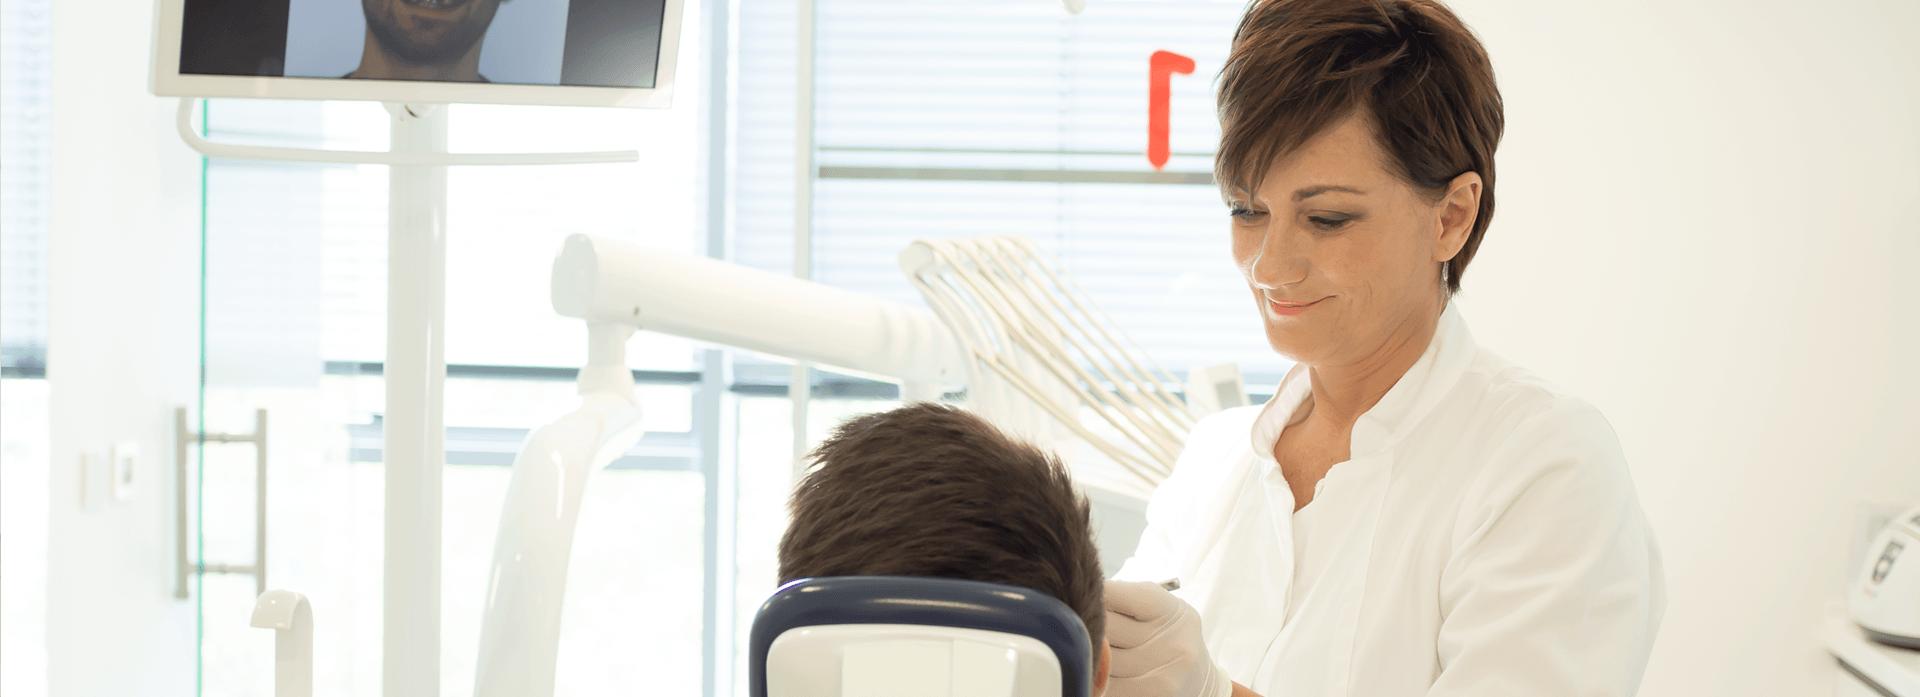 O nama - Prije i poslije | Štimac Centar dentalne medicine